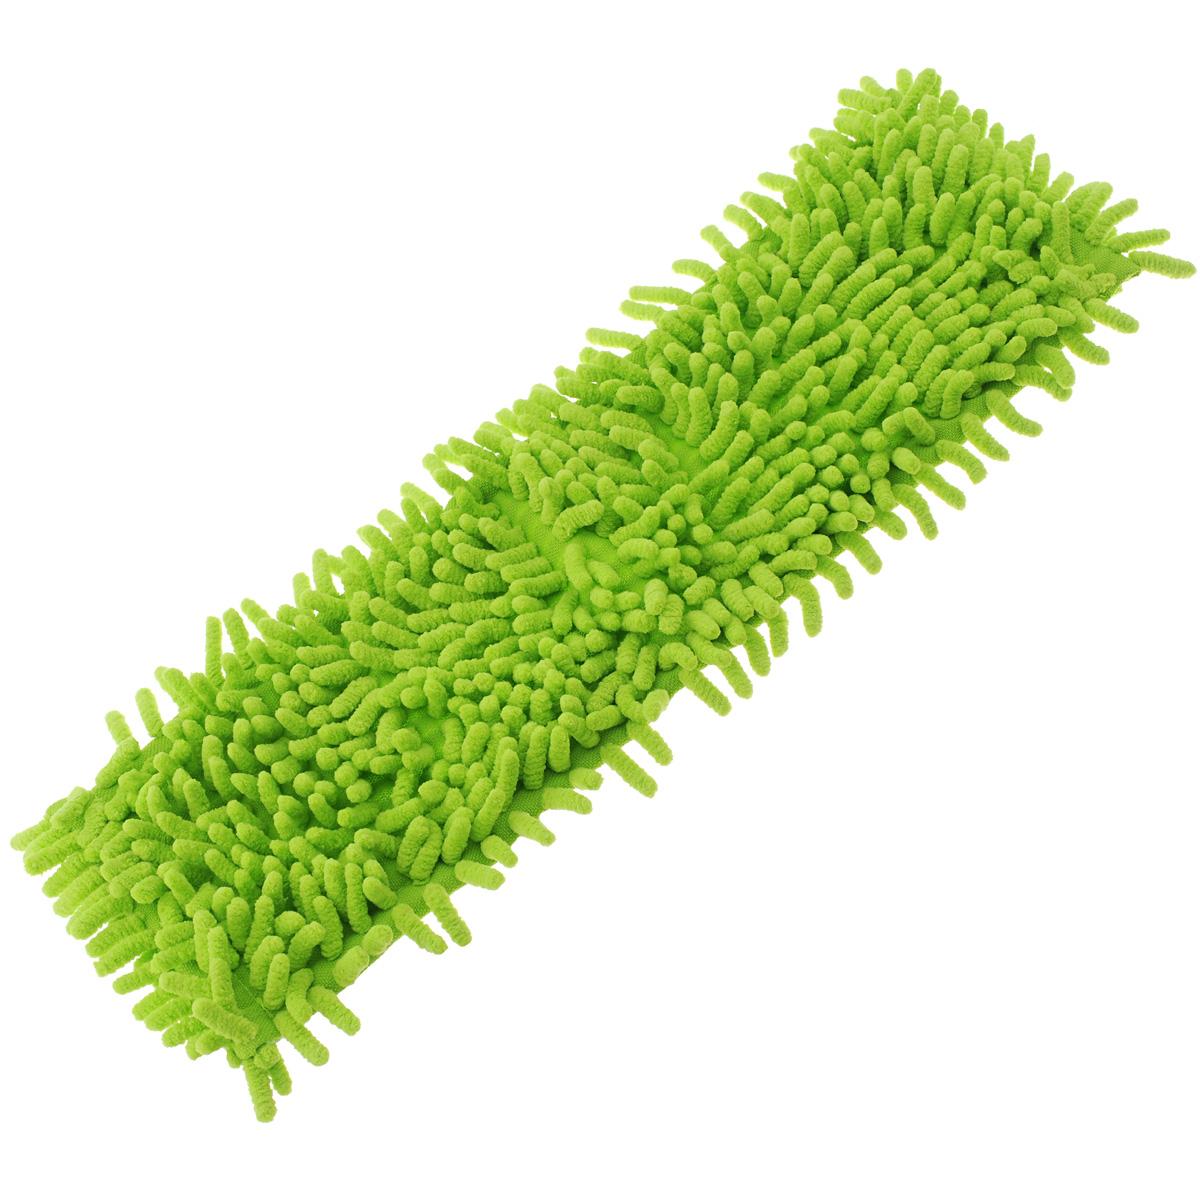 Насадка для швабры Home Queen Еврокласс, цвет: салатовый, длина 40 см57220Сменная насадка для швабры Home Queen Еврокласс изготовлена из шенилла, разновидности микрофибры. Материал обладает высокой износостойкостью, не царапает поверхности и отлично впитывает влагу. Насадка отлично удаляет большинство жирных и маслянистых загрязнений без использования химических веществ. Насадка идеально подходит для мытья всех типов напольных покрытий. Она не оставляет разводов и ворсинок. Сменная насадка для швабры Home Queen Еврокласс станет незаменимой в хозяйстве. Размер насадки: 40 х 12 см.